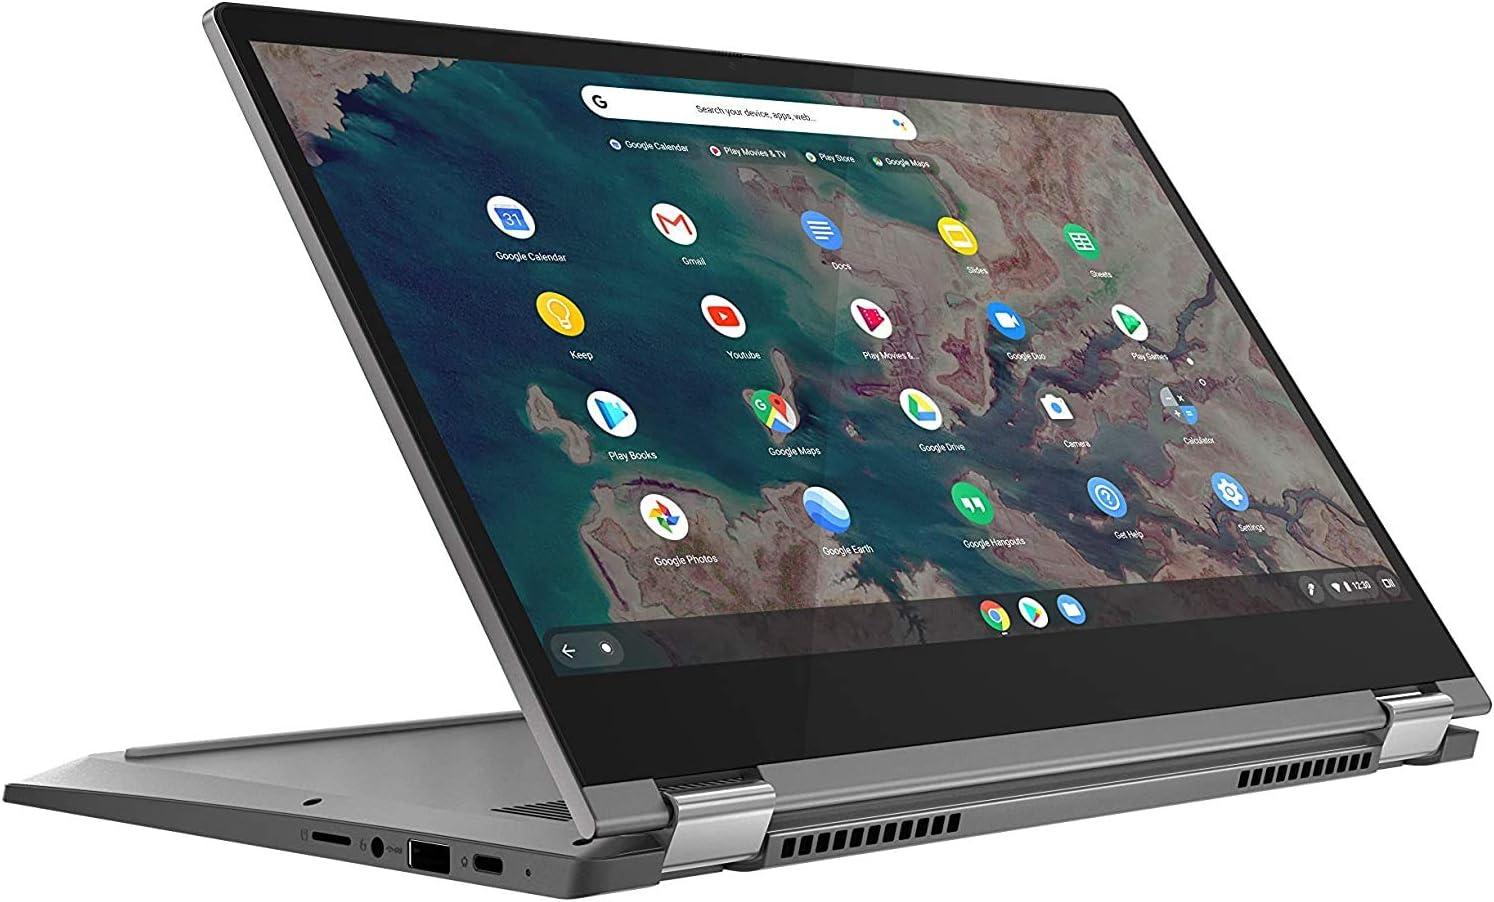 """2020 New Lenovo Chromebook Flex 5 13"""" Laptop, FHD (1920 x 1080) Touch Display, Intel Core i3-10110U Processor, 4GB DDR4 RAM, 64GB SSD + 32GB Oydisen SD Card, Backlit Keyborad, Webcam, WiFi, Chrome OS"""